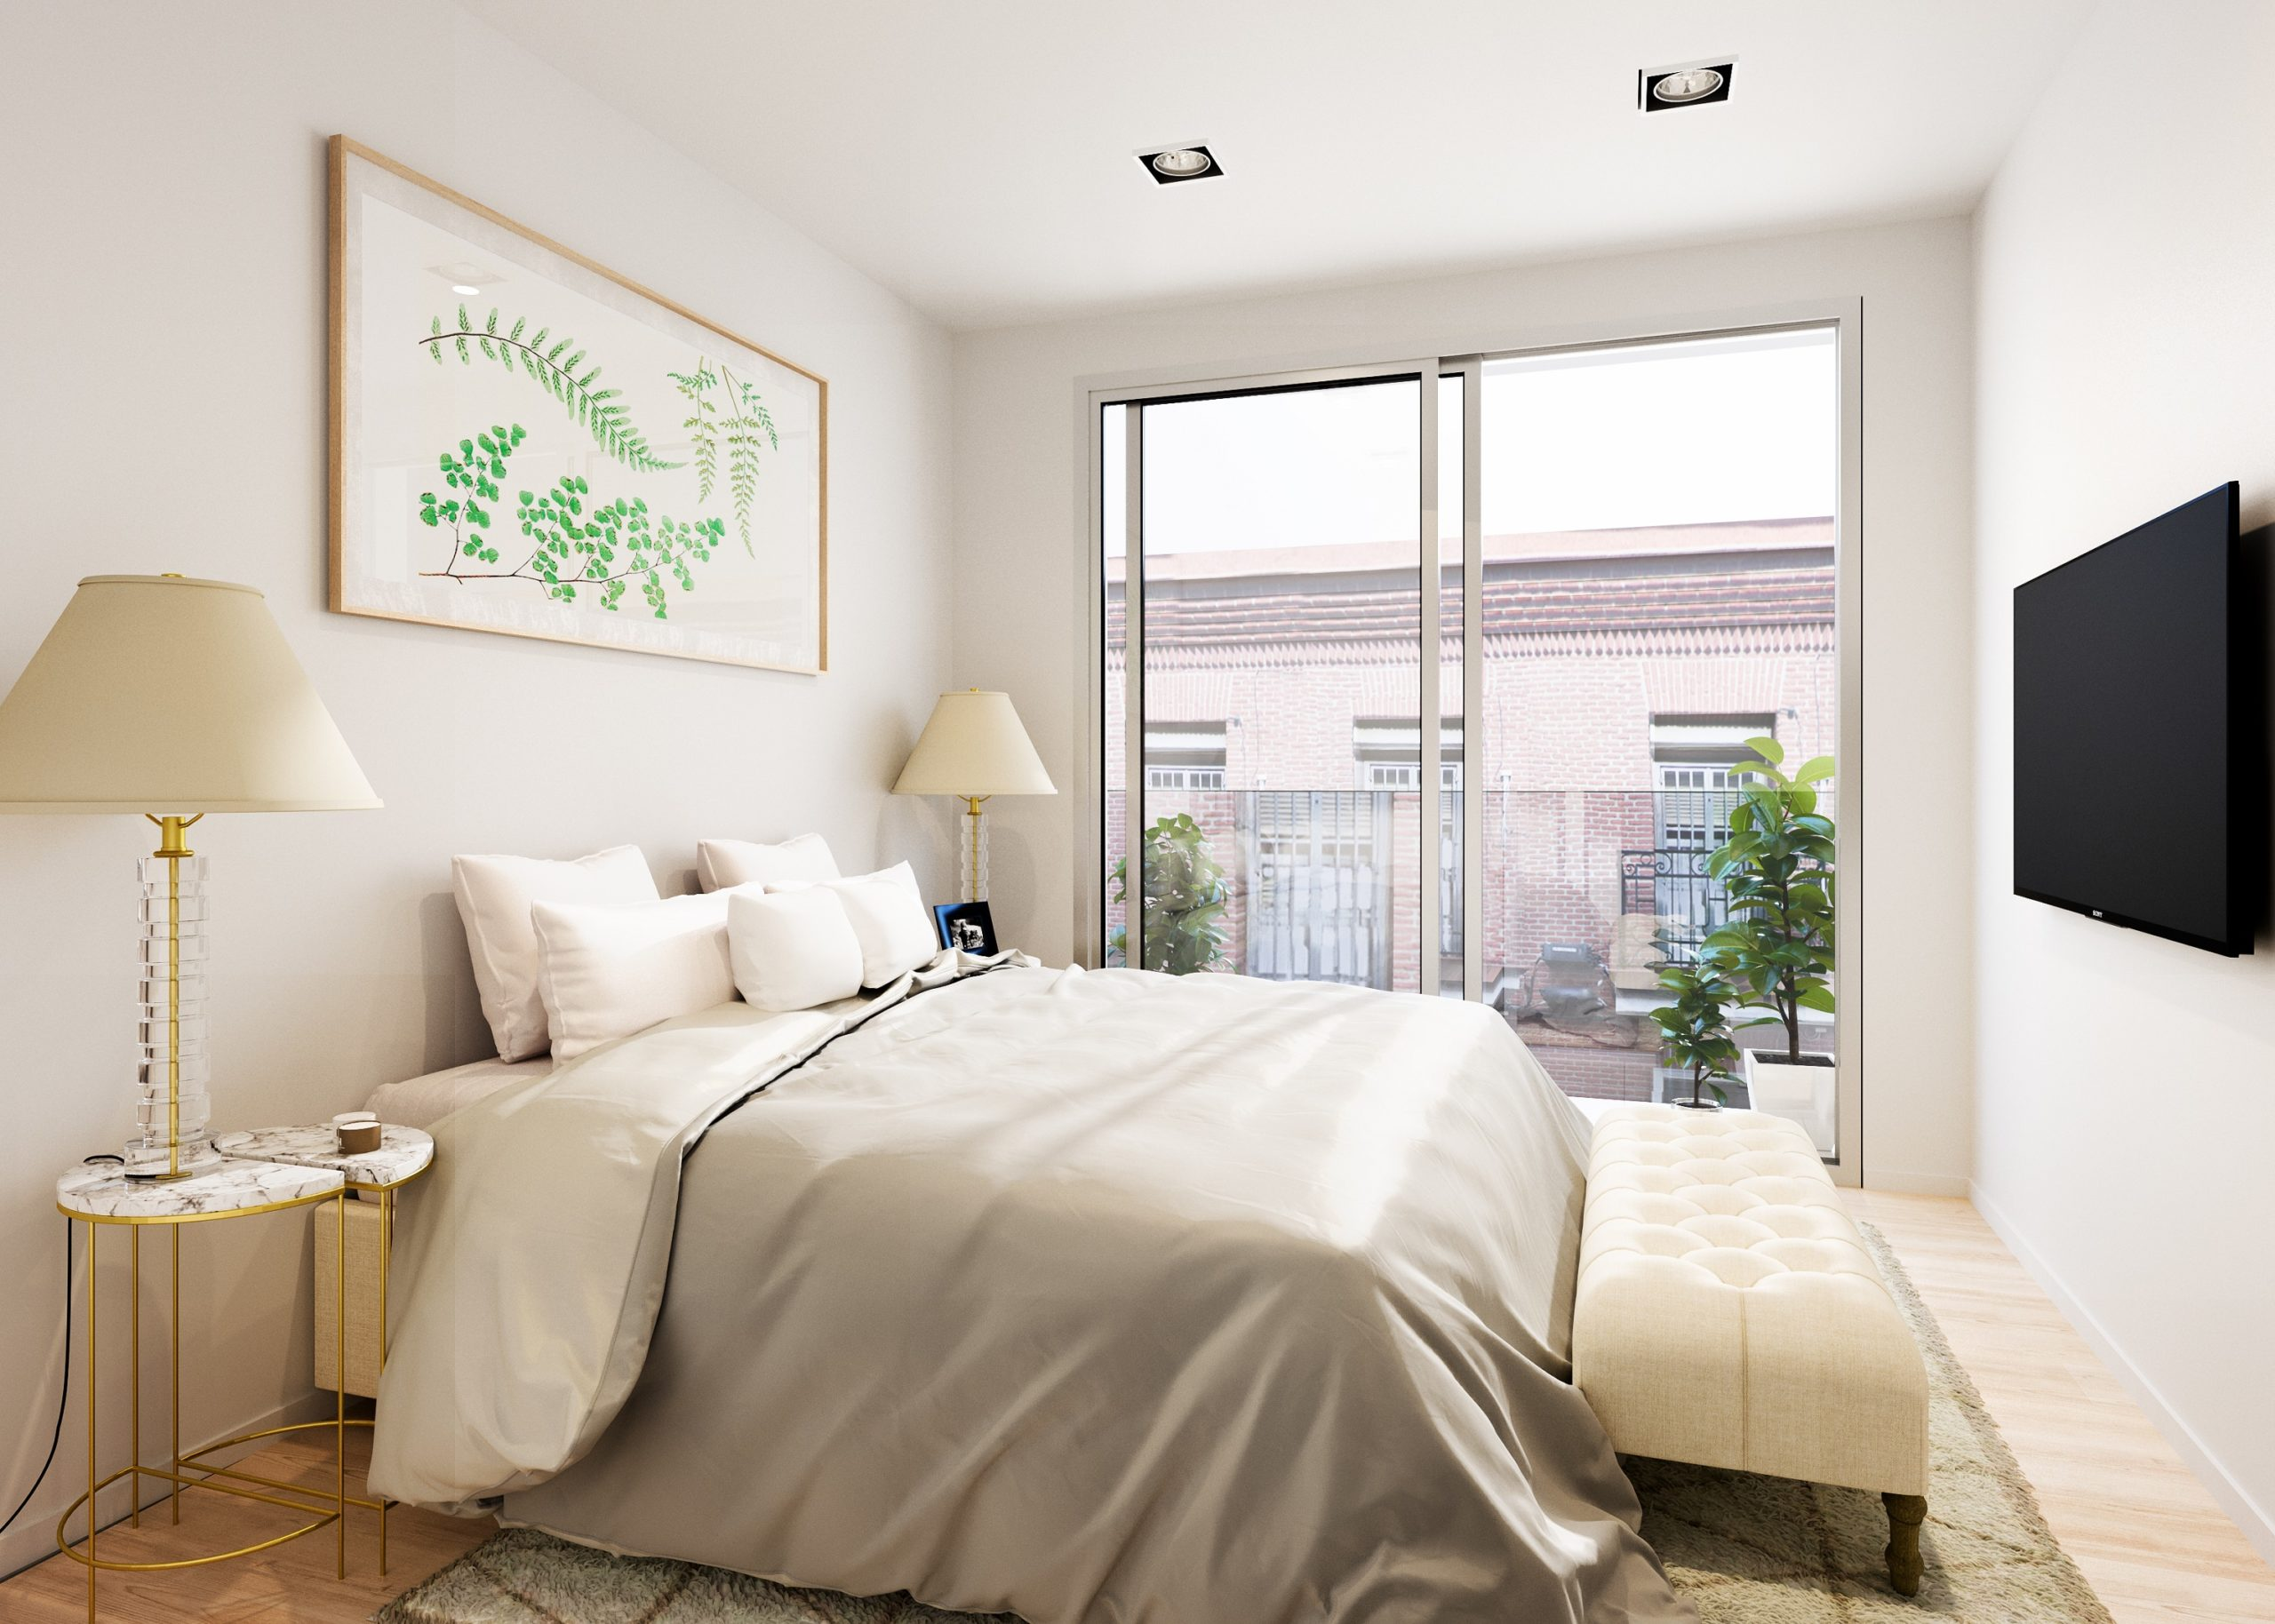 08 WR10 Dormitorio 2